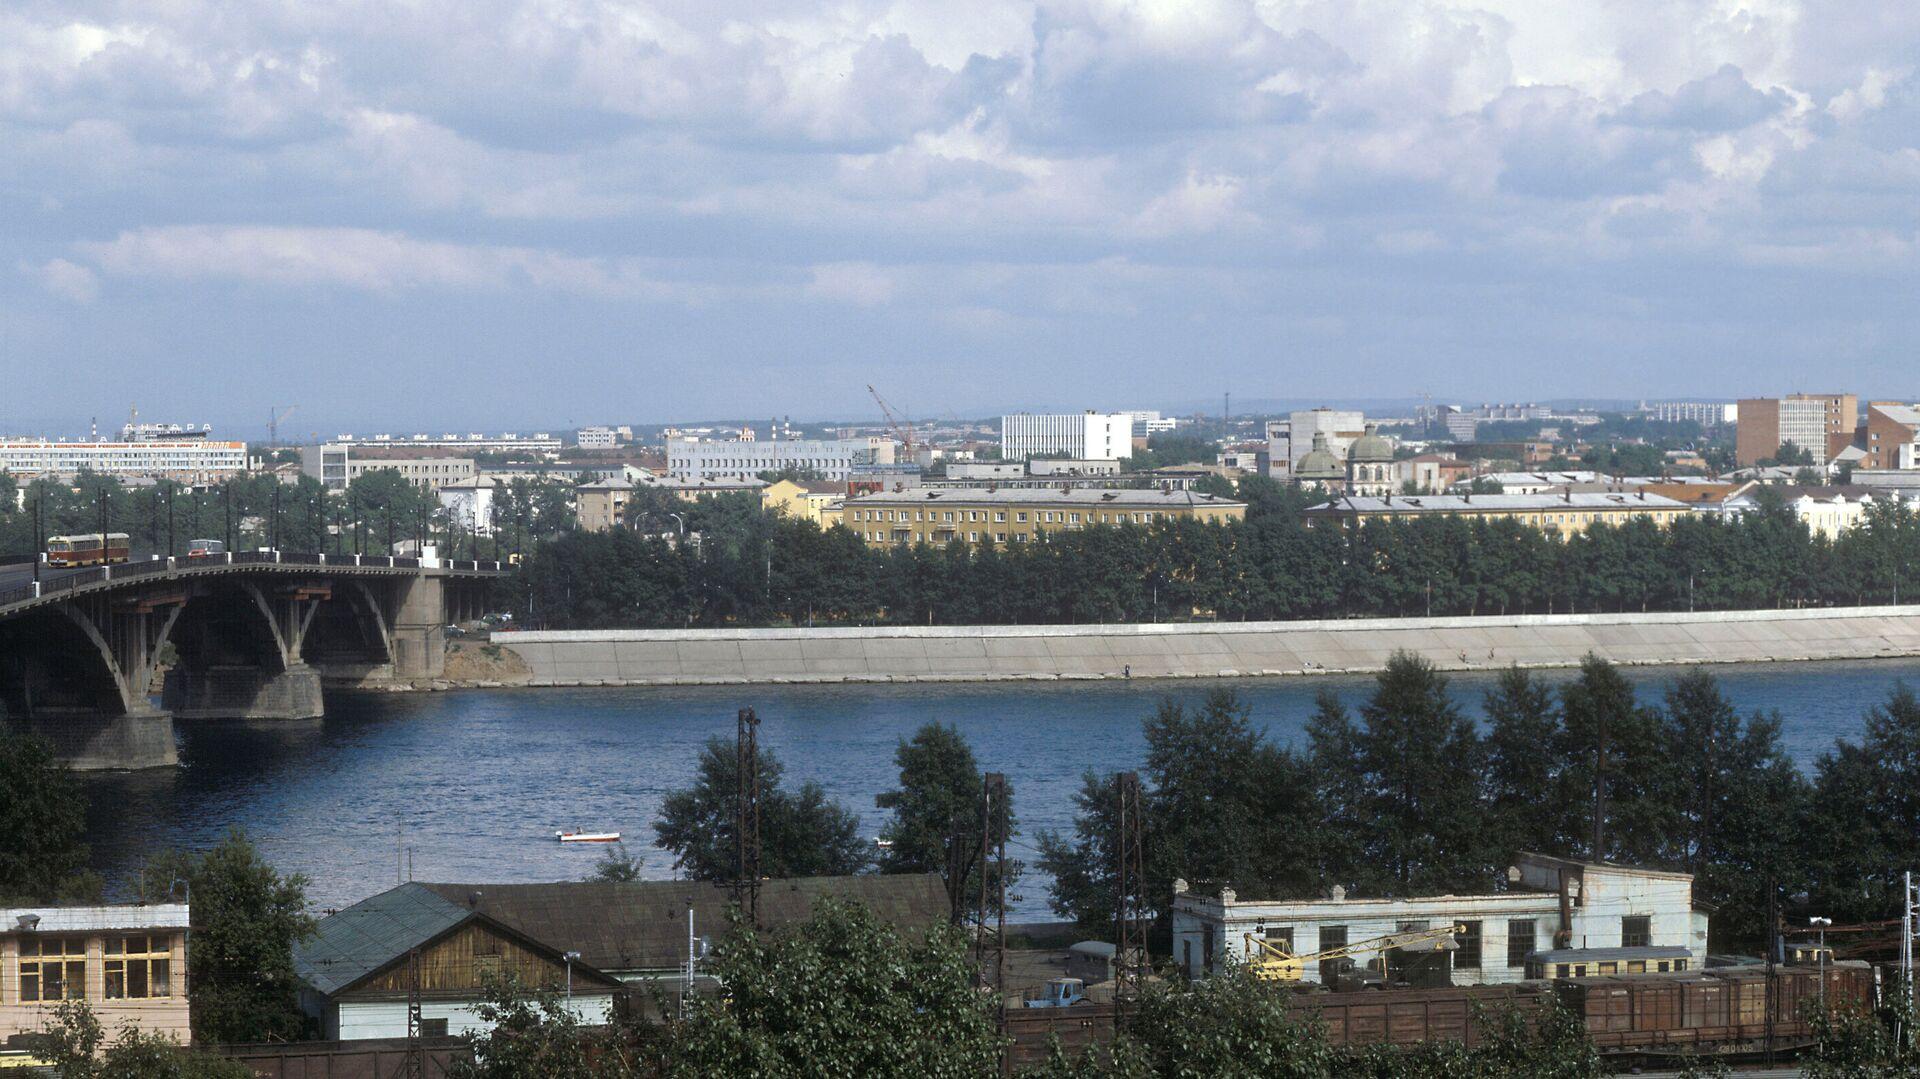 Города России. Иркутск - РИА Новости, 1920, 21.09.2020